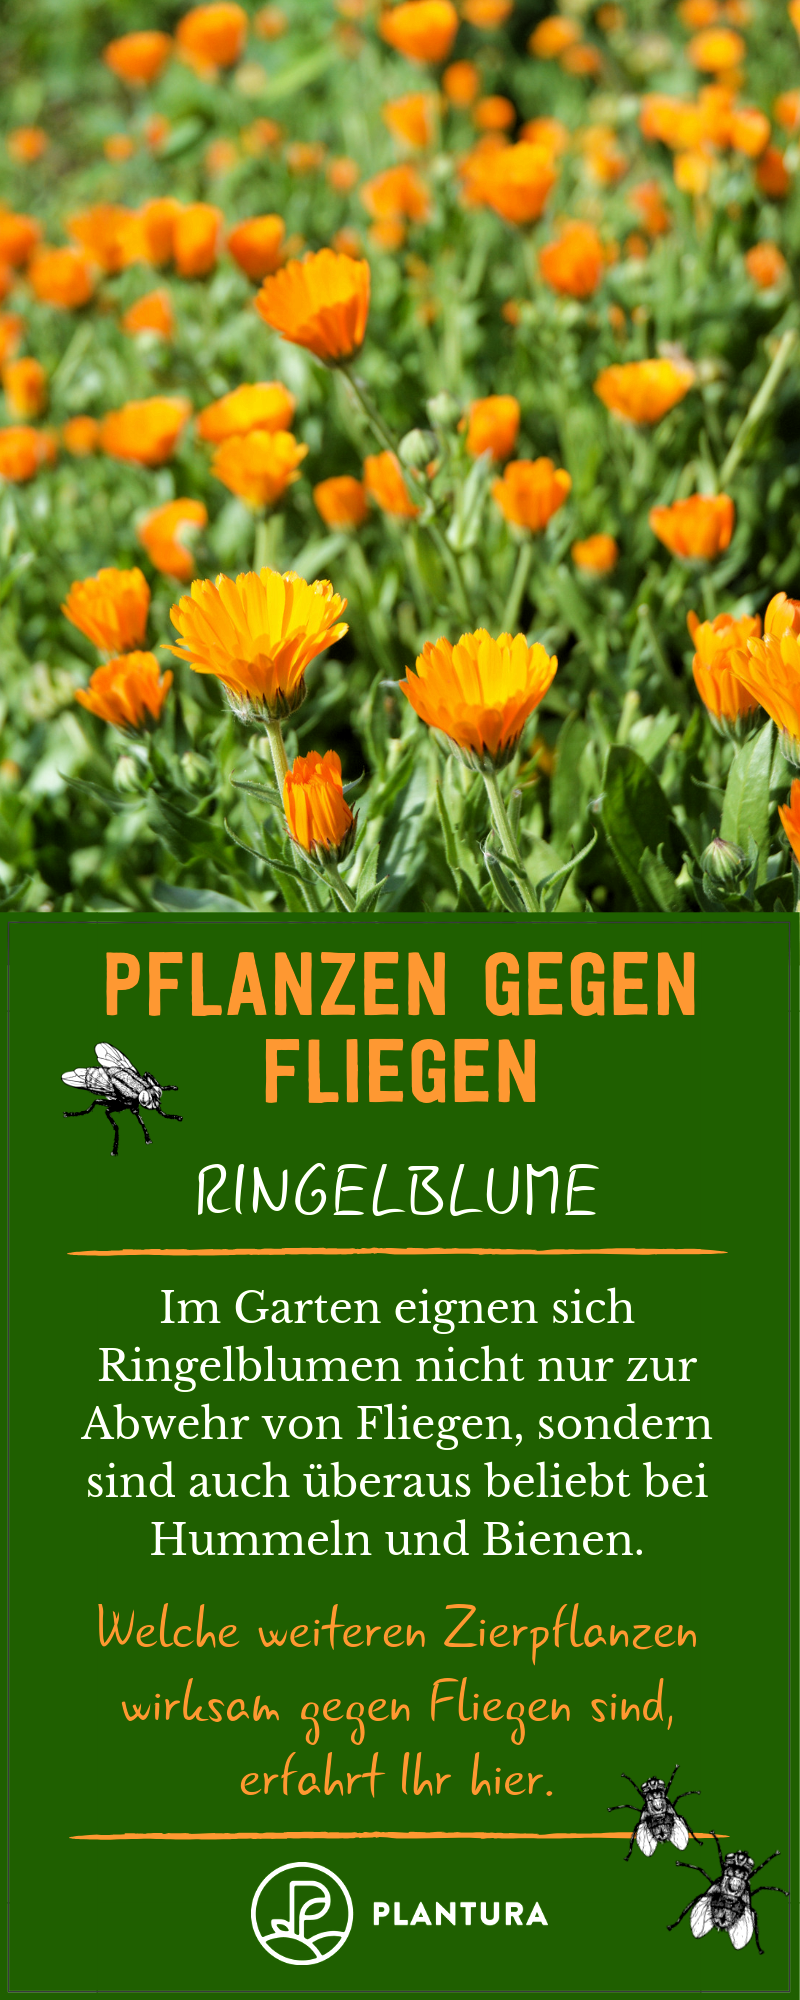 Pflanzen Gegen Fliegen Ringelblume Die Ringelblume Ist Eine Sehr Bienenfreundliche Pflanze Und Vertreibt Gleichzeitig Lasti Pflanzen Ringelblume Zierpflanzen